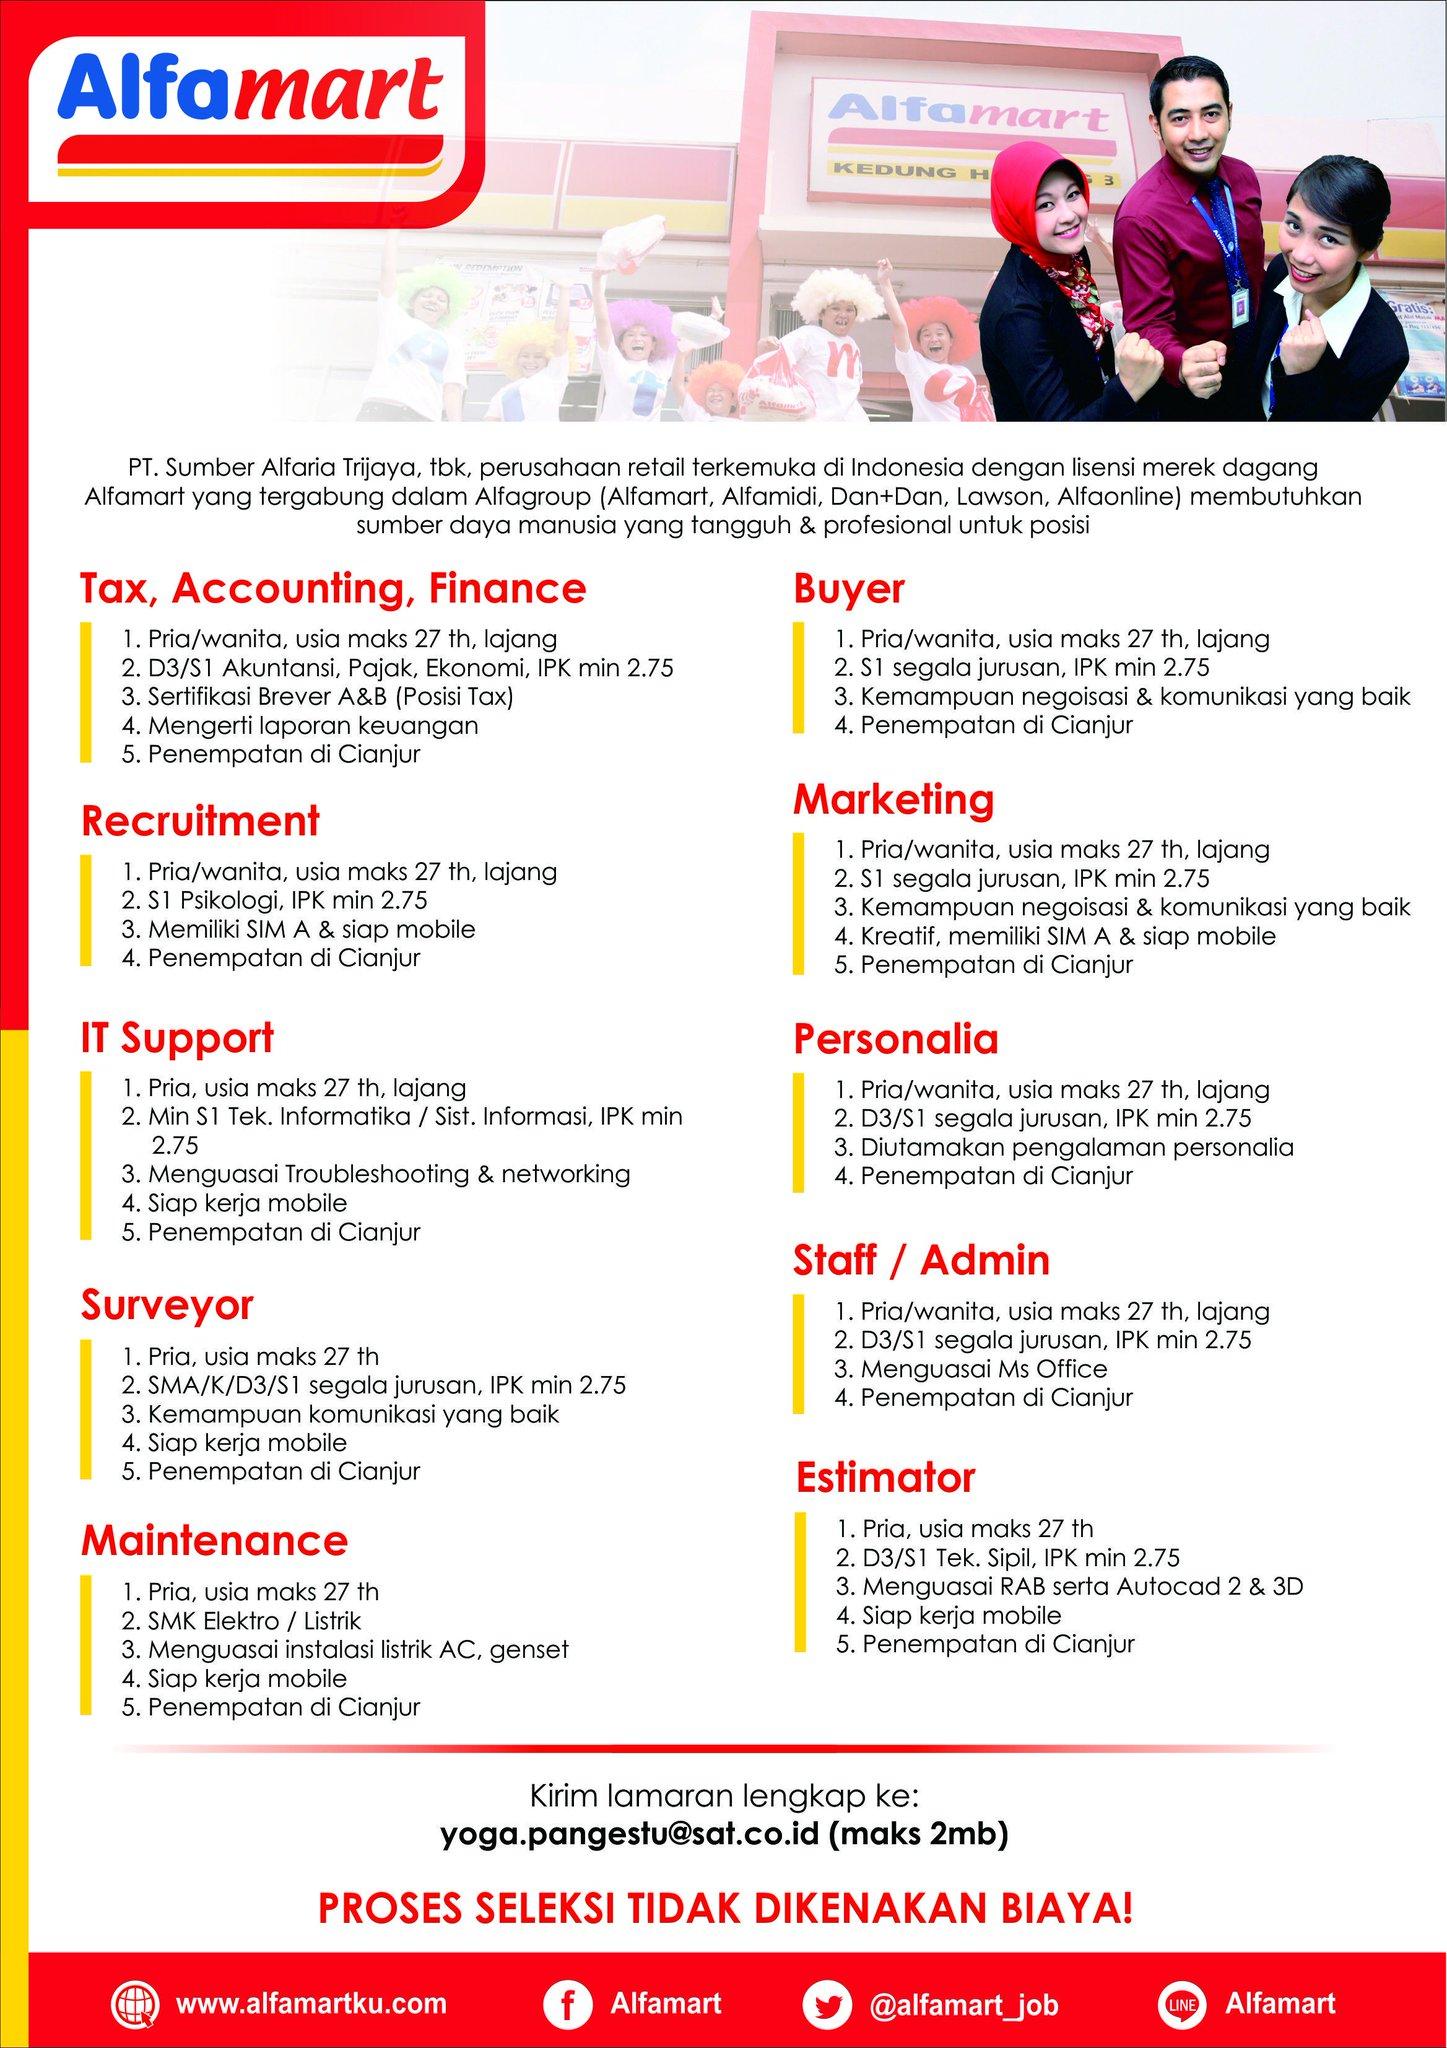 50 Info Info Lowongan Kerja Alfamart Cianjur Terbaru Sma Smk 2019